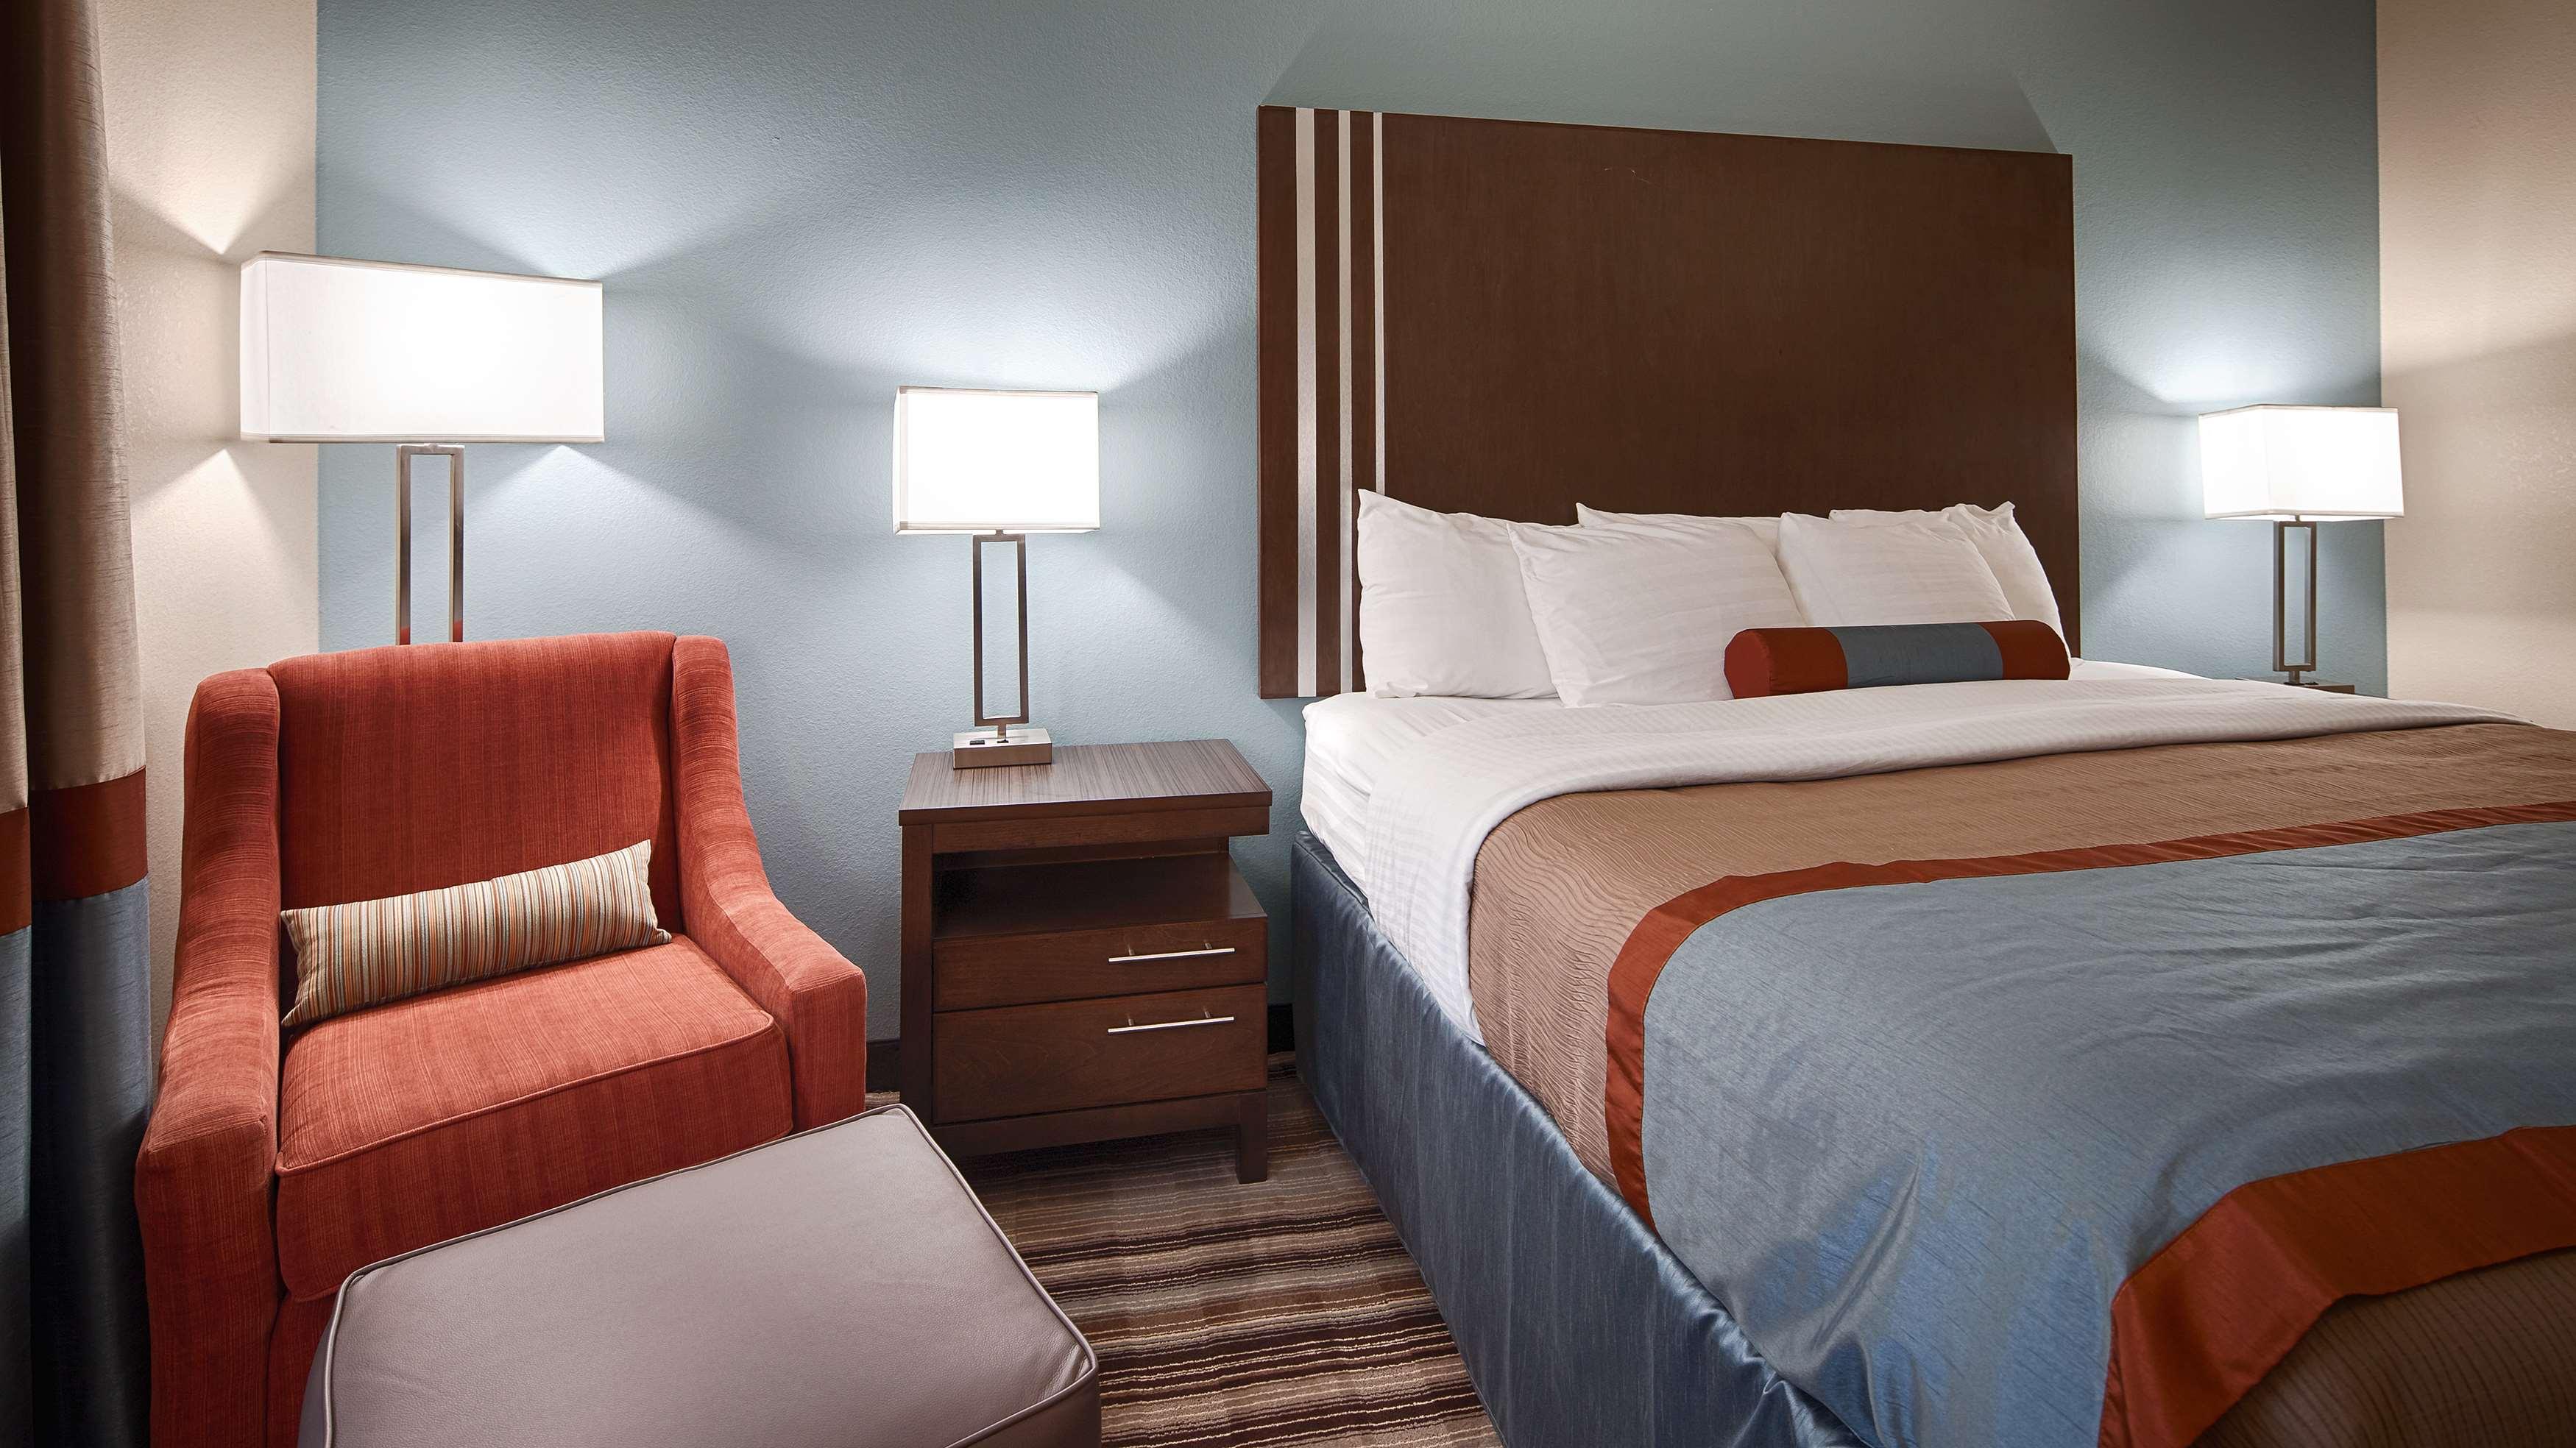 Best Western Plus Washington Hotel image 11